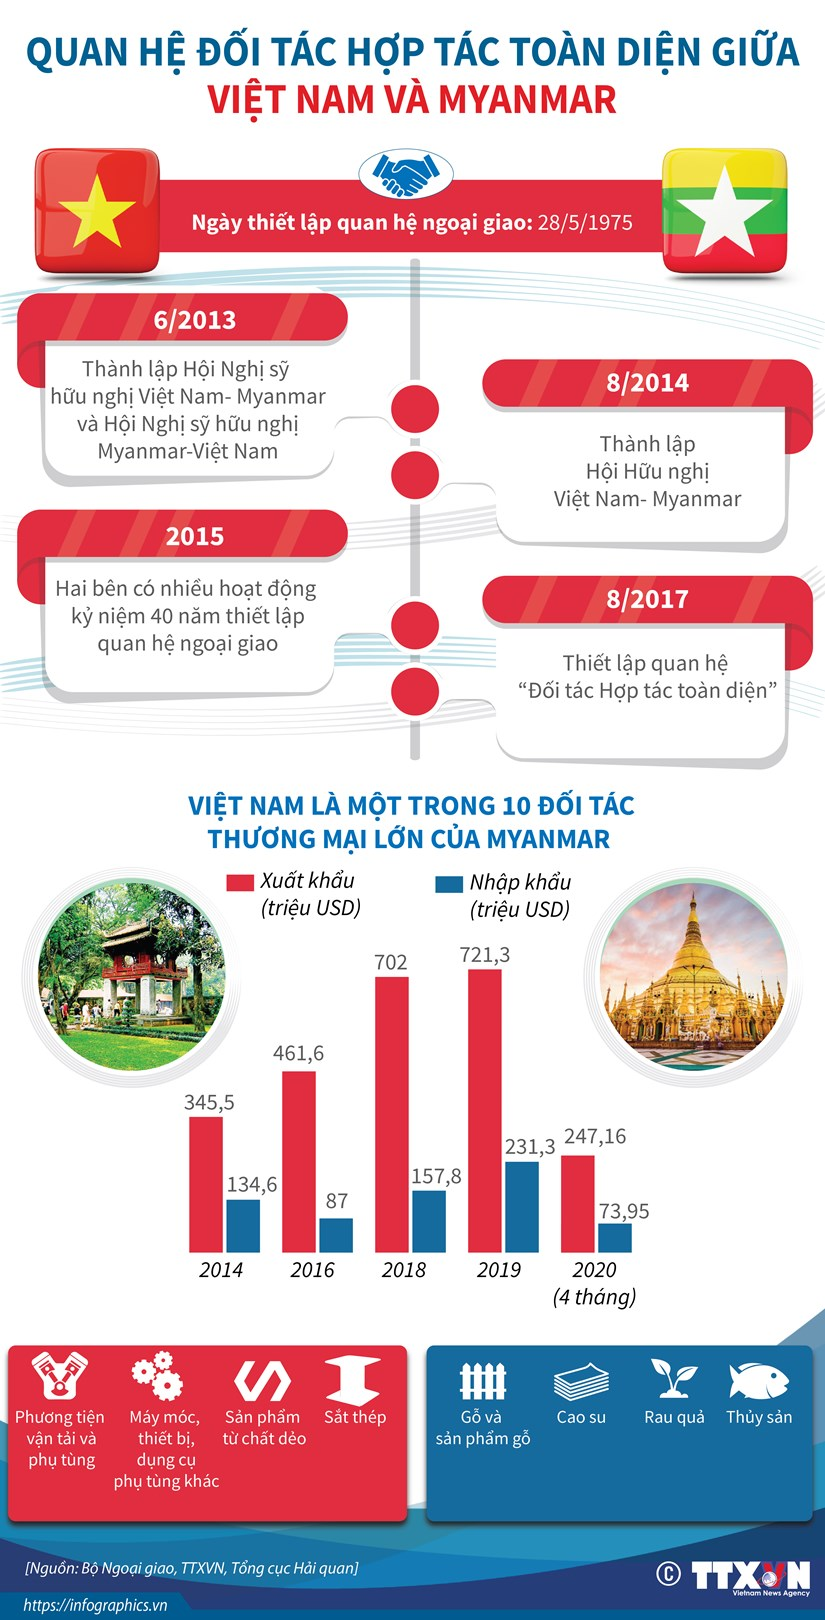 [Infographics] Quan he doi tac hop tac toan dien giua Viet Nam-Myanmar hinh anh 1